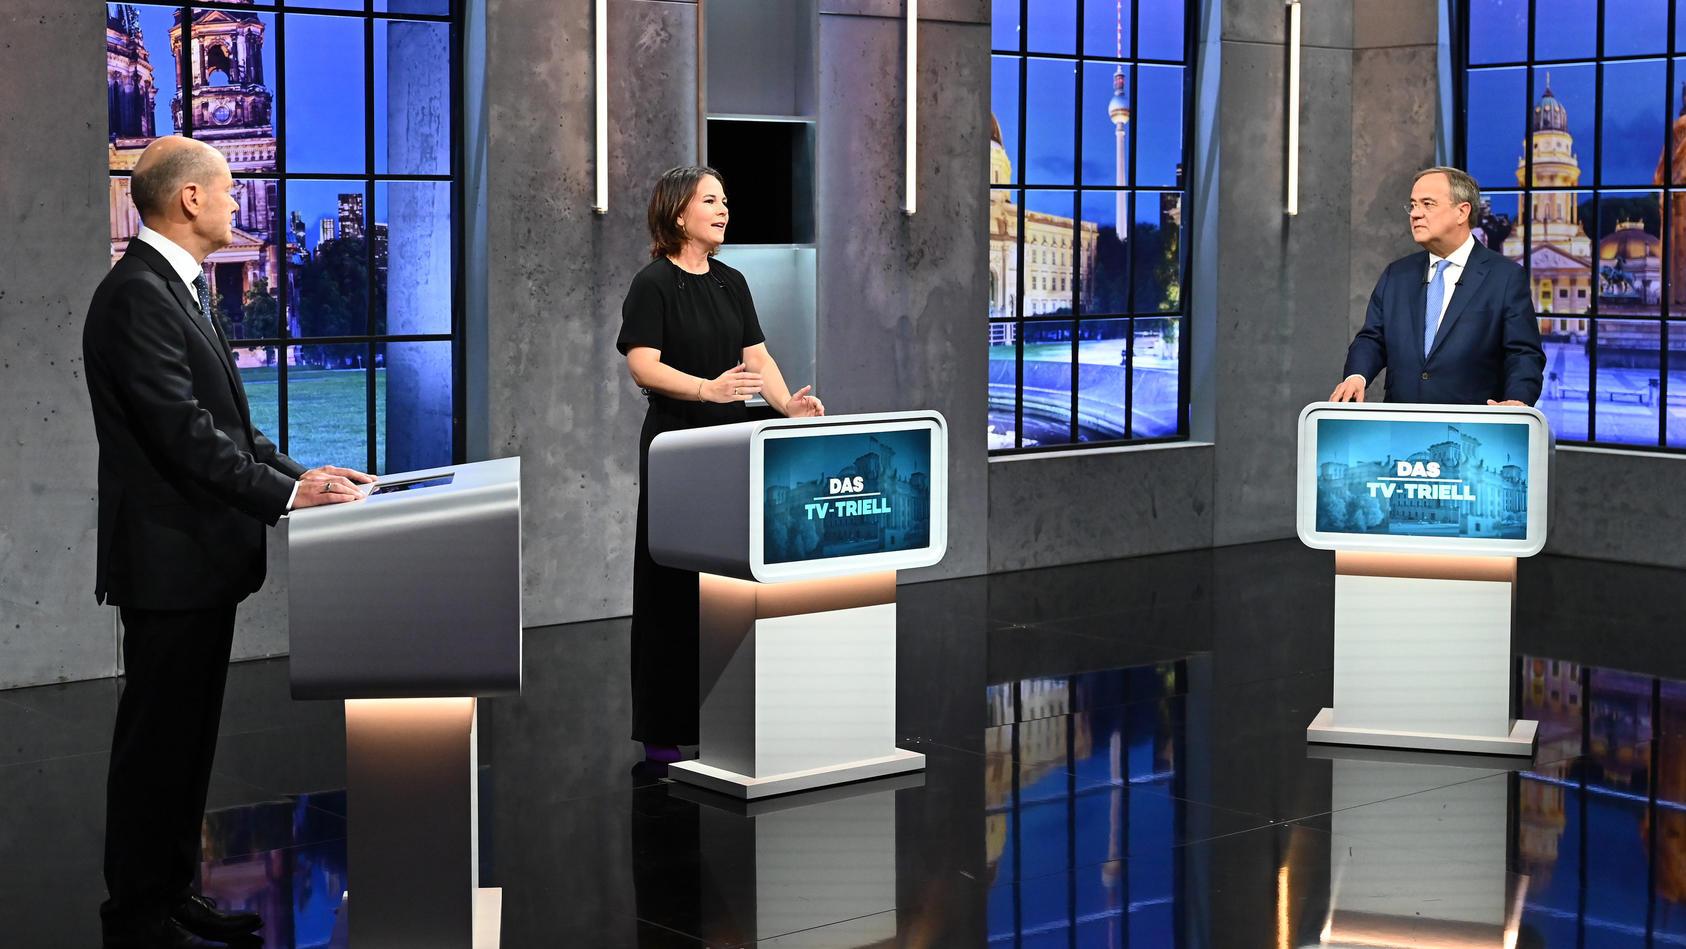 Laut einer Blitzumfrage wirkte Olaf Scholz (l.) beim dritten TV-Triell am überzeugendsten.